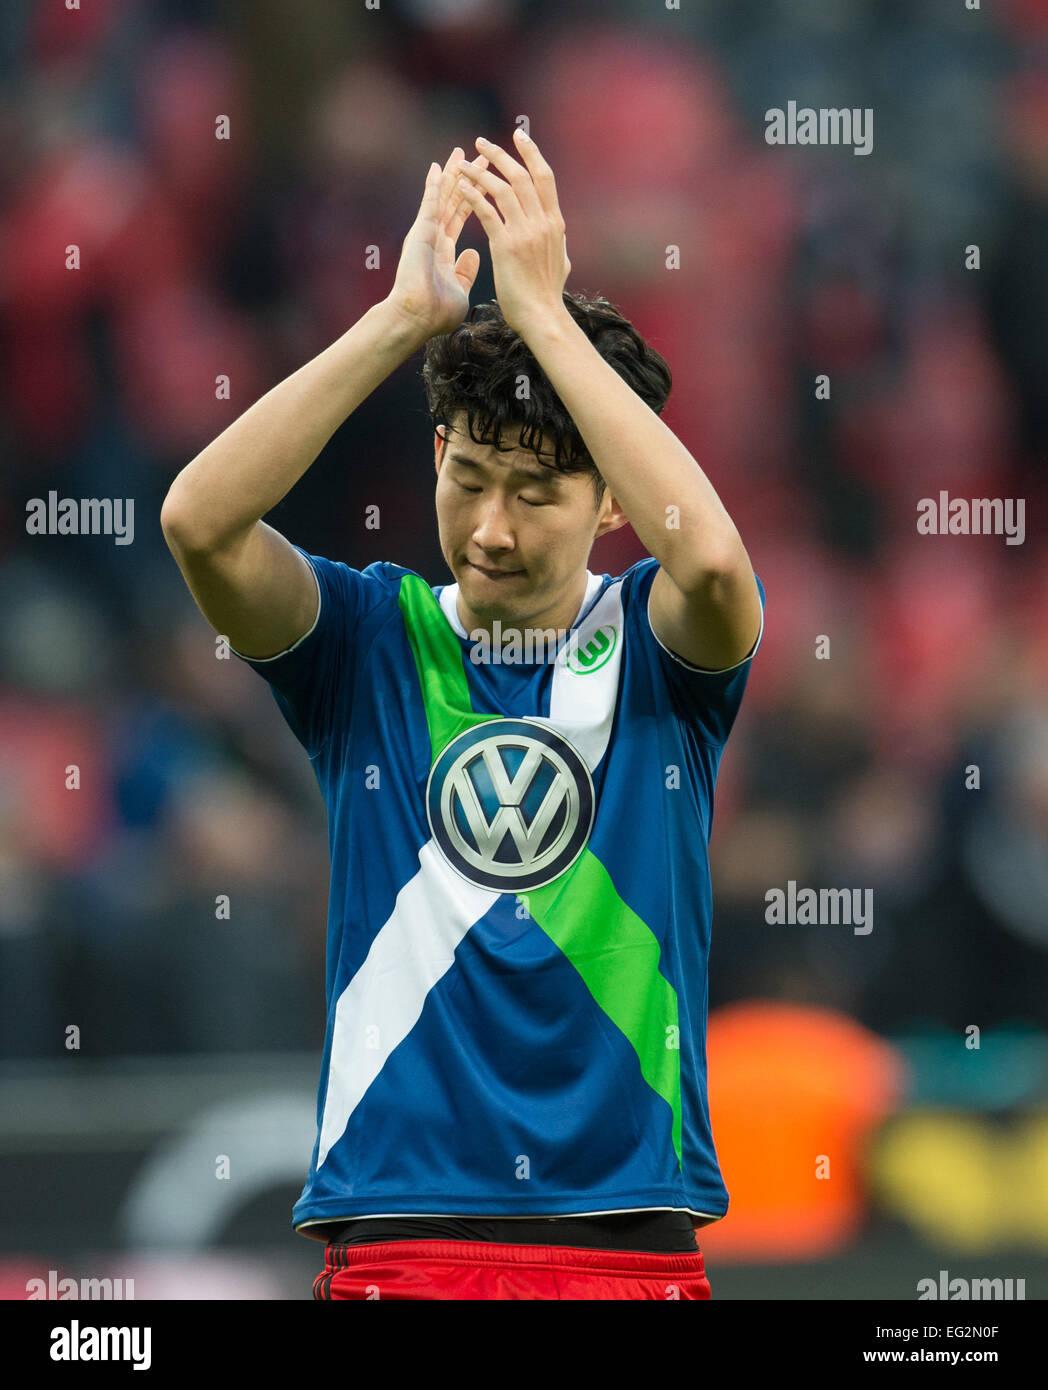 timeless design e79f0 41e1c Leverkusen's Heung-Min Son wears the jersey of Wolfsburg's ...